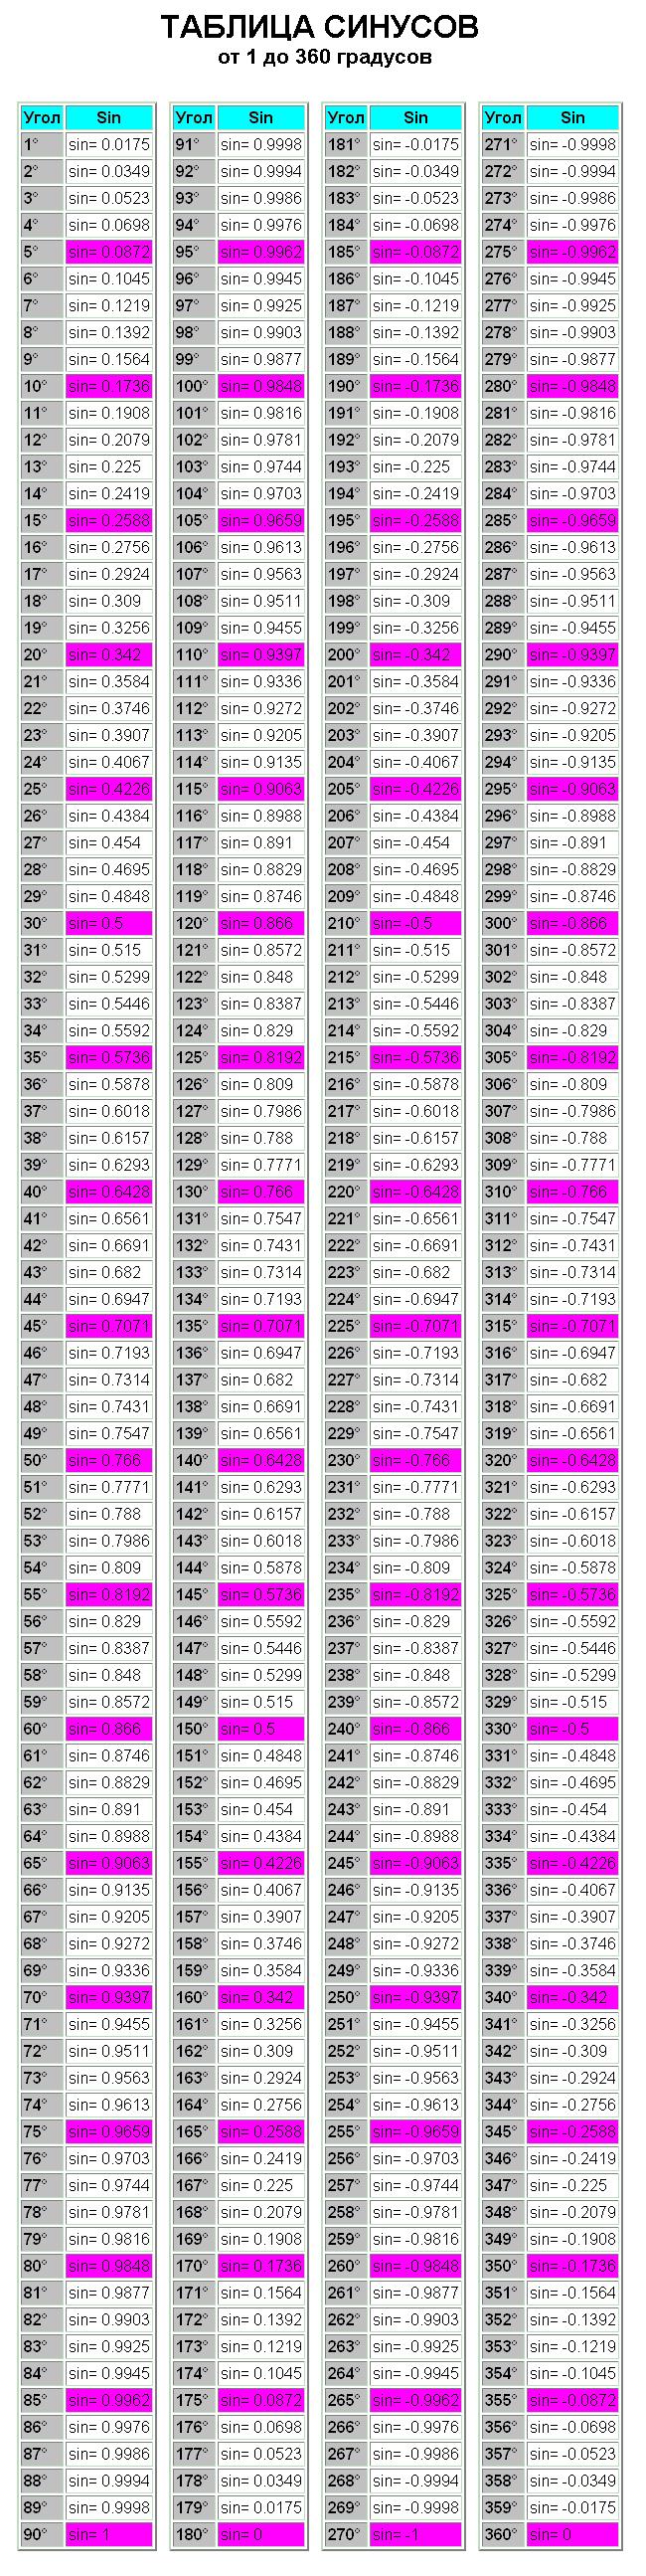 Таблица синусов всех допустимых углов.